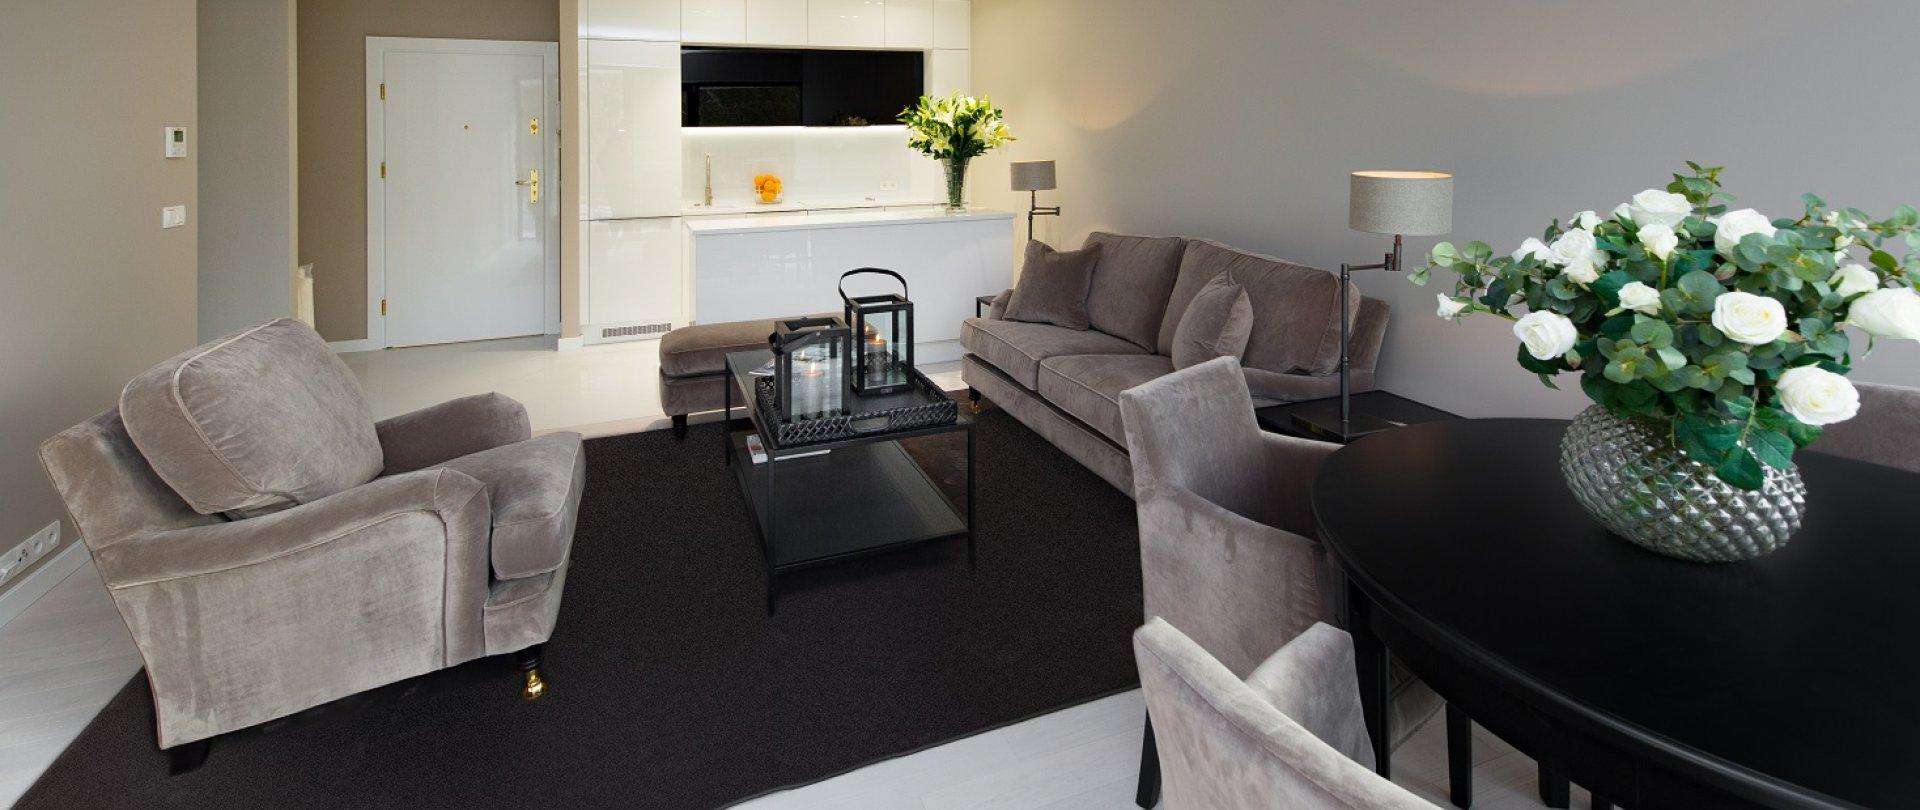 Deluxe Ein-Schlafzimmer-Apartment